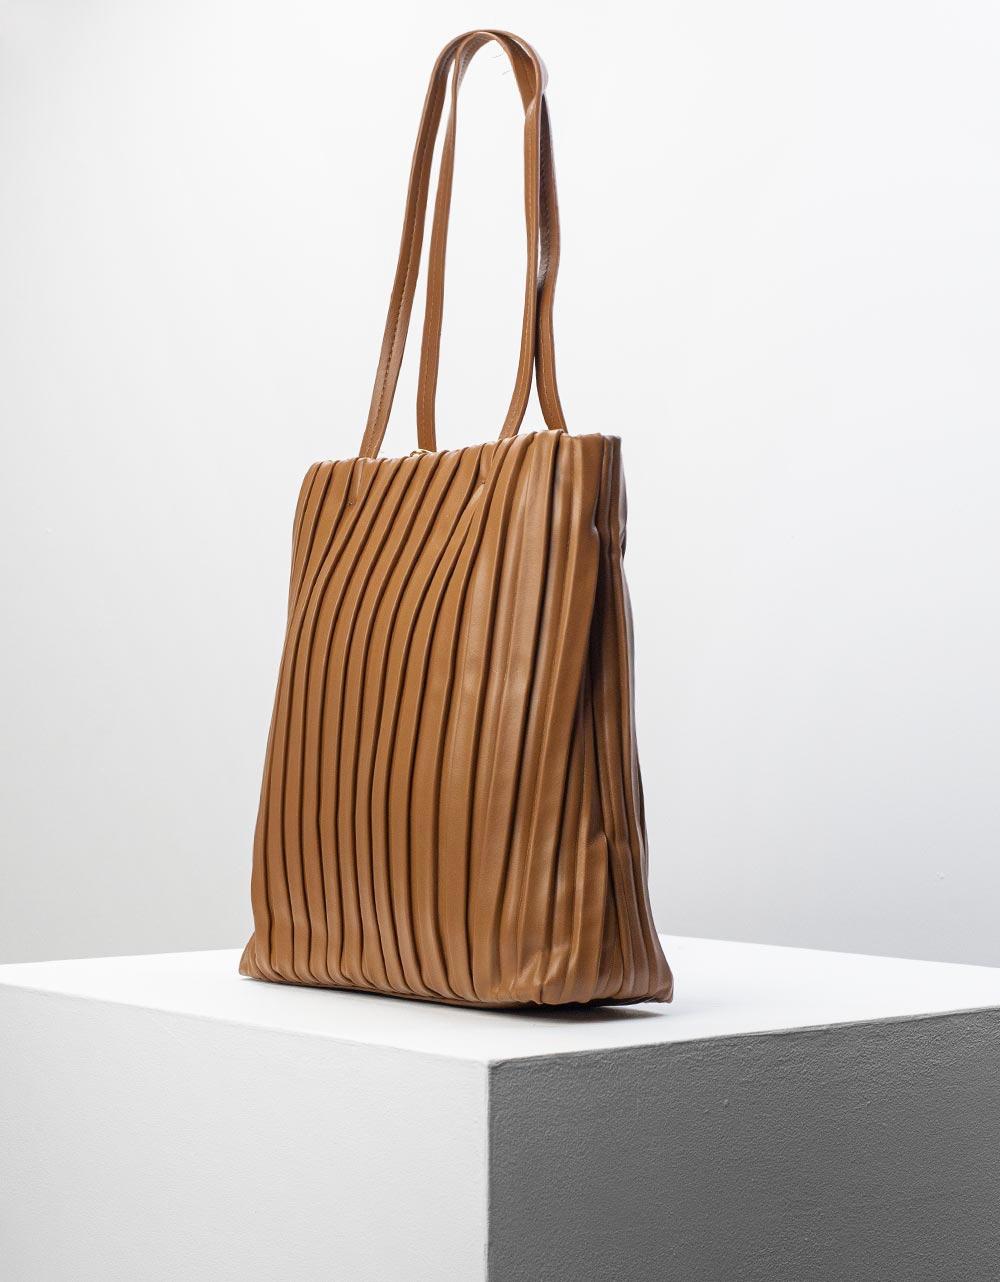 Εικόνα από Γυναικεία τσάντα ώμου πλισέ με εξωτερικό πορτοφόλι Καφέ